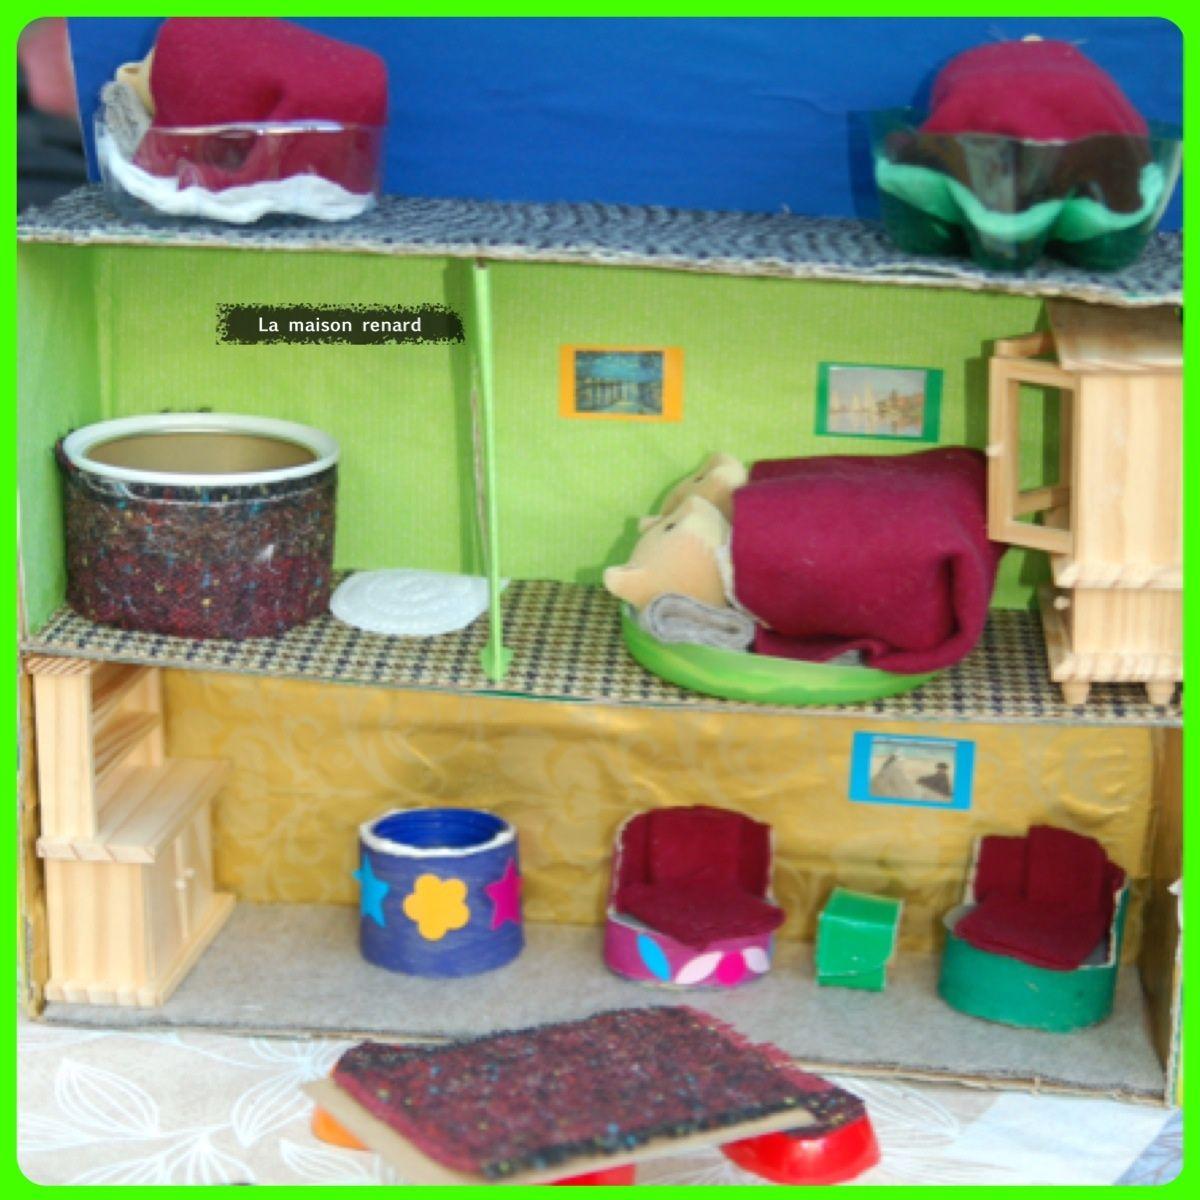 bricolage d 39 t pour les enfants une maison pour la famille renard poup es couture et autre fil. Black Bedroom Furniture Sets. Home Design Ideas